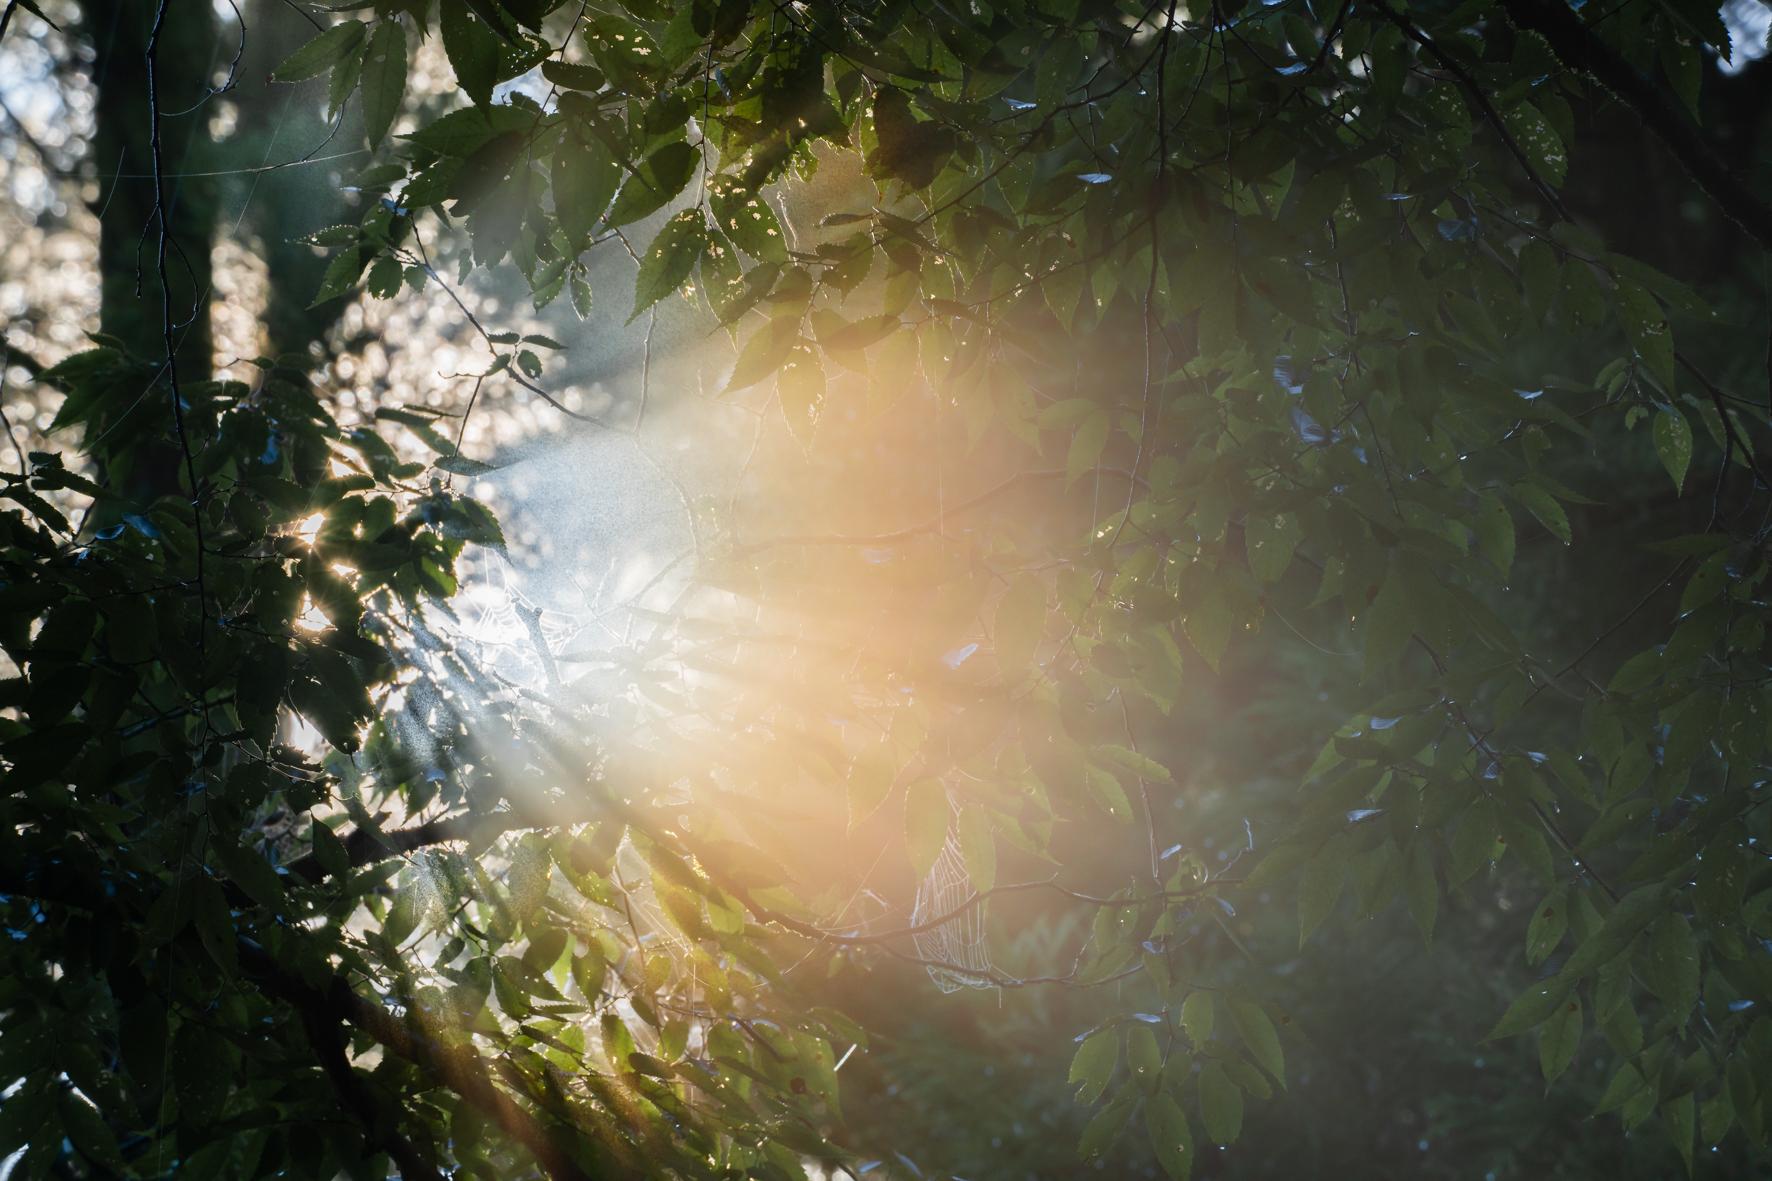 光の雄たけび